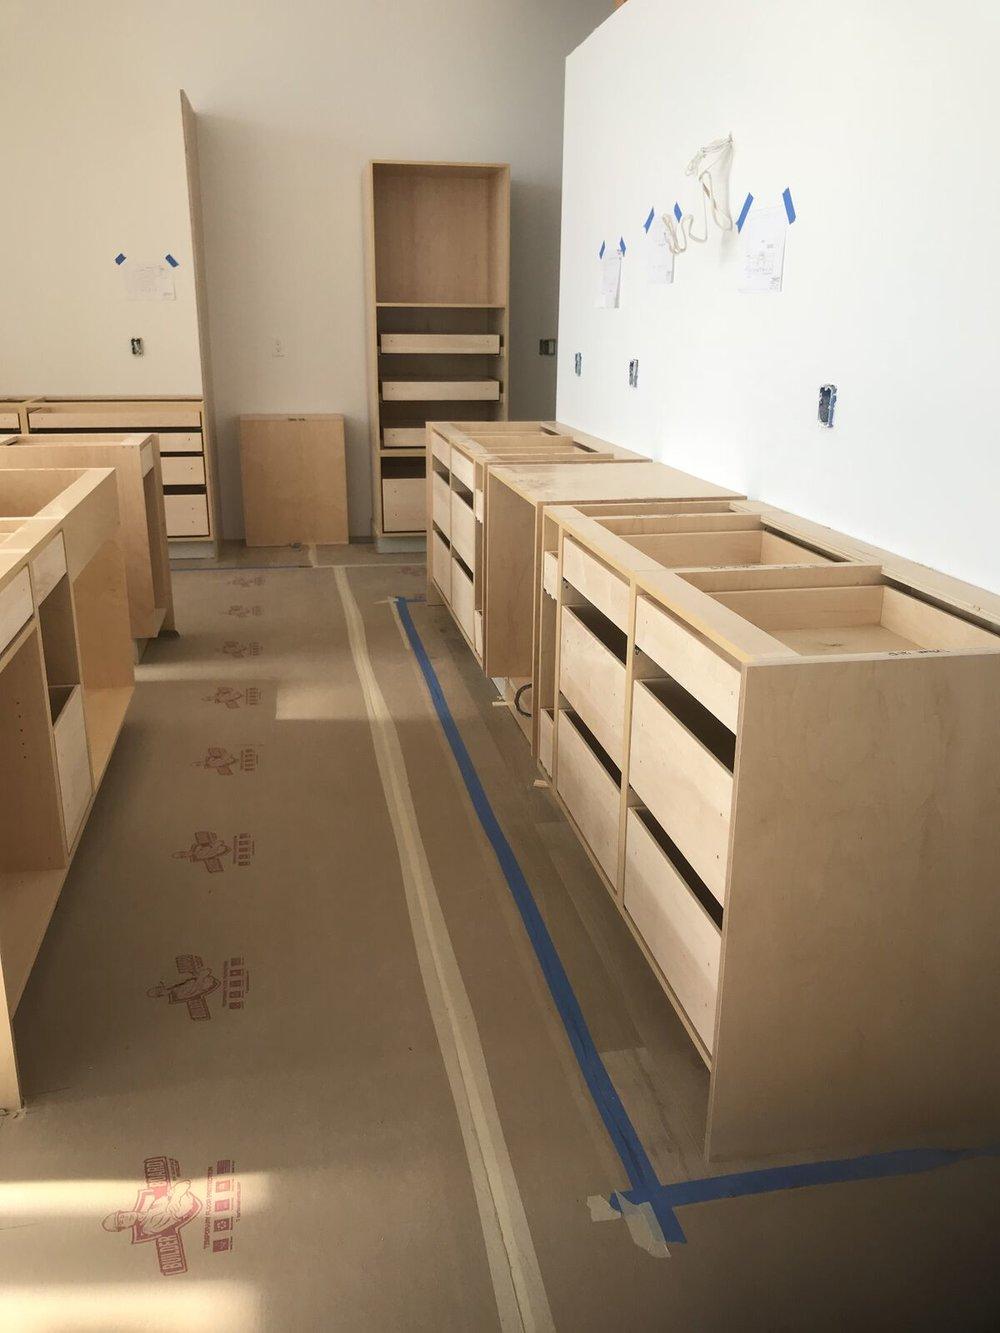 31 kitchen cabinets.jpeg